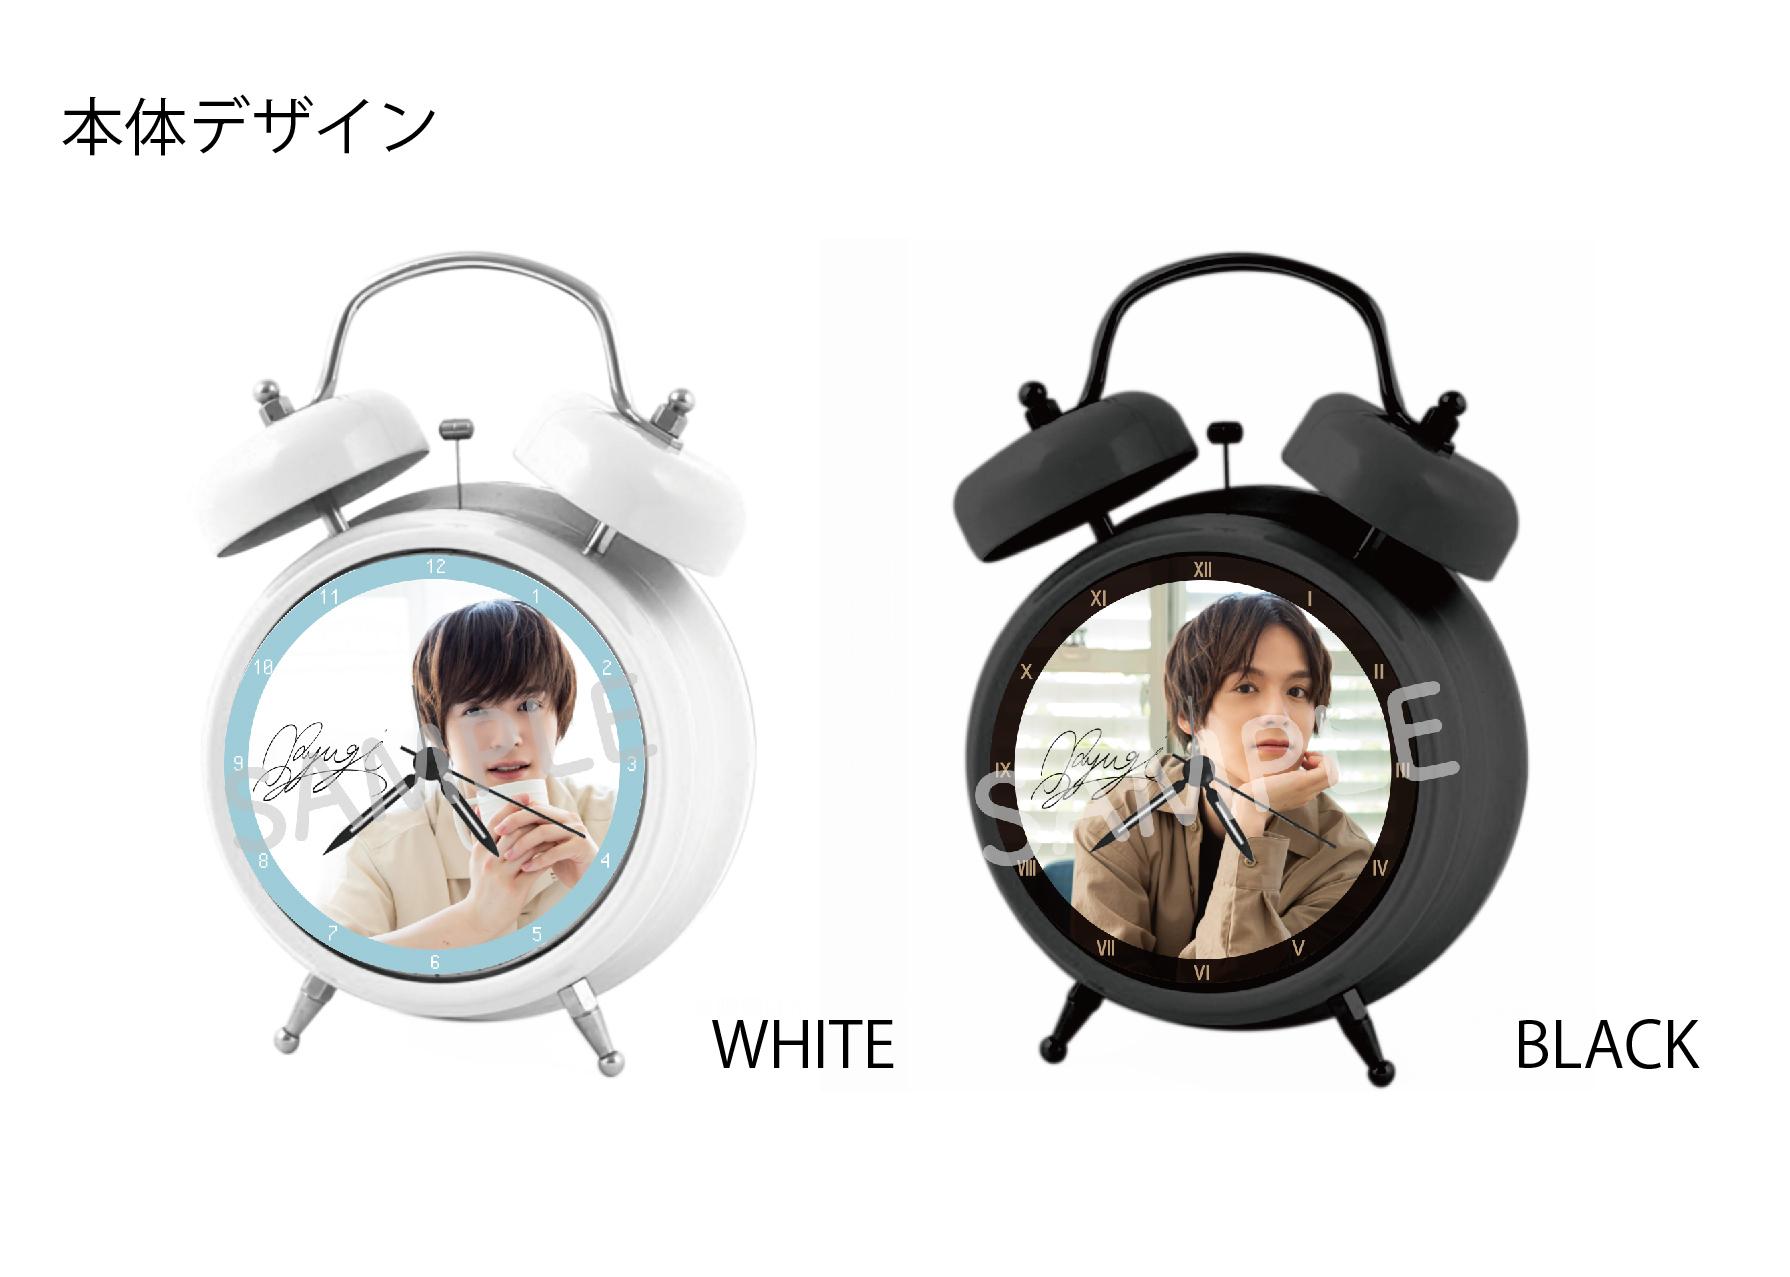 【期間限定 予約販売】オリジナルボイス目覚まし時計(WHITE&BLACK)